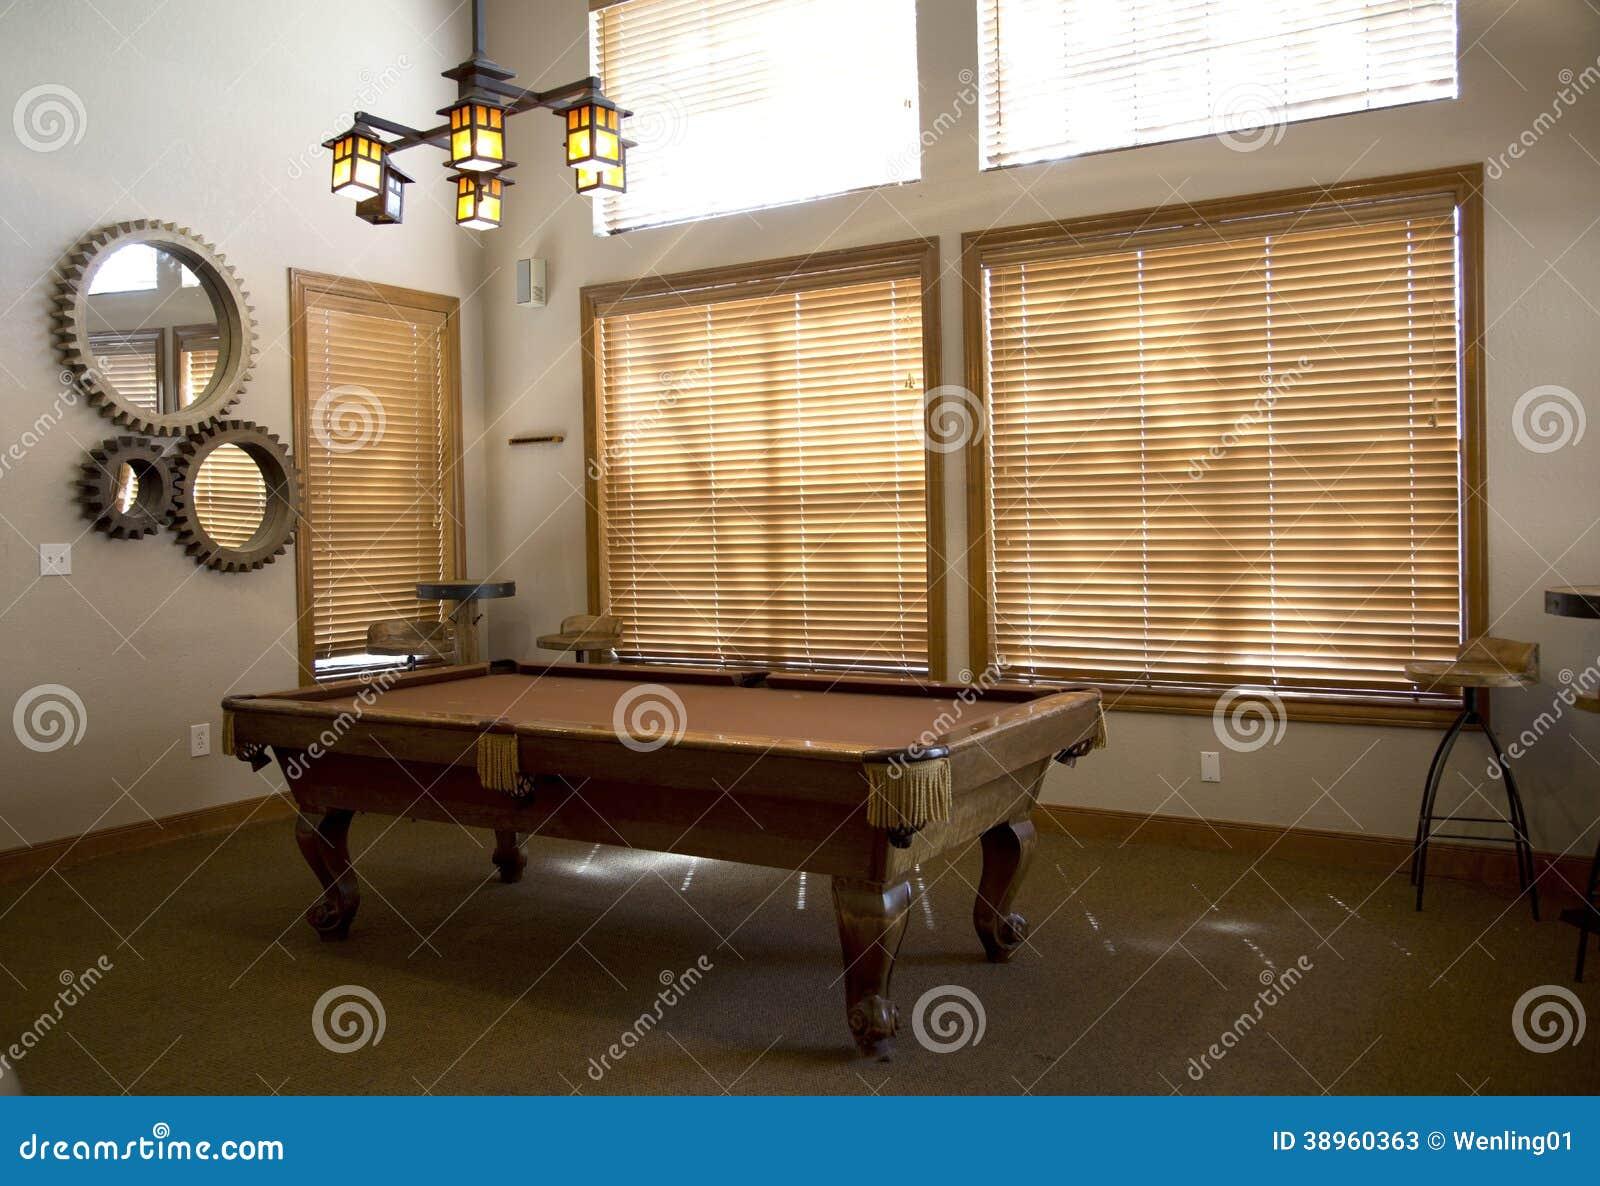 Billardtisch im Spielraum